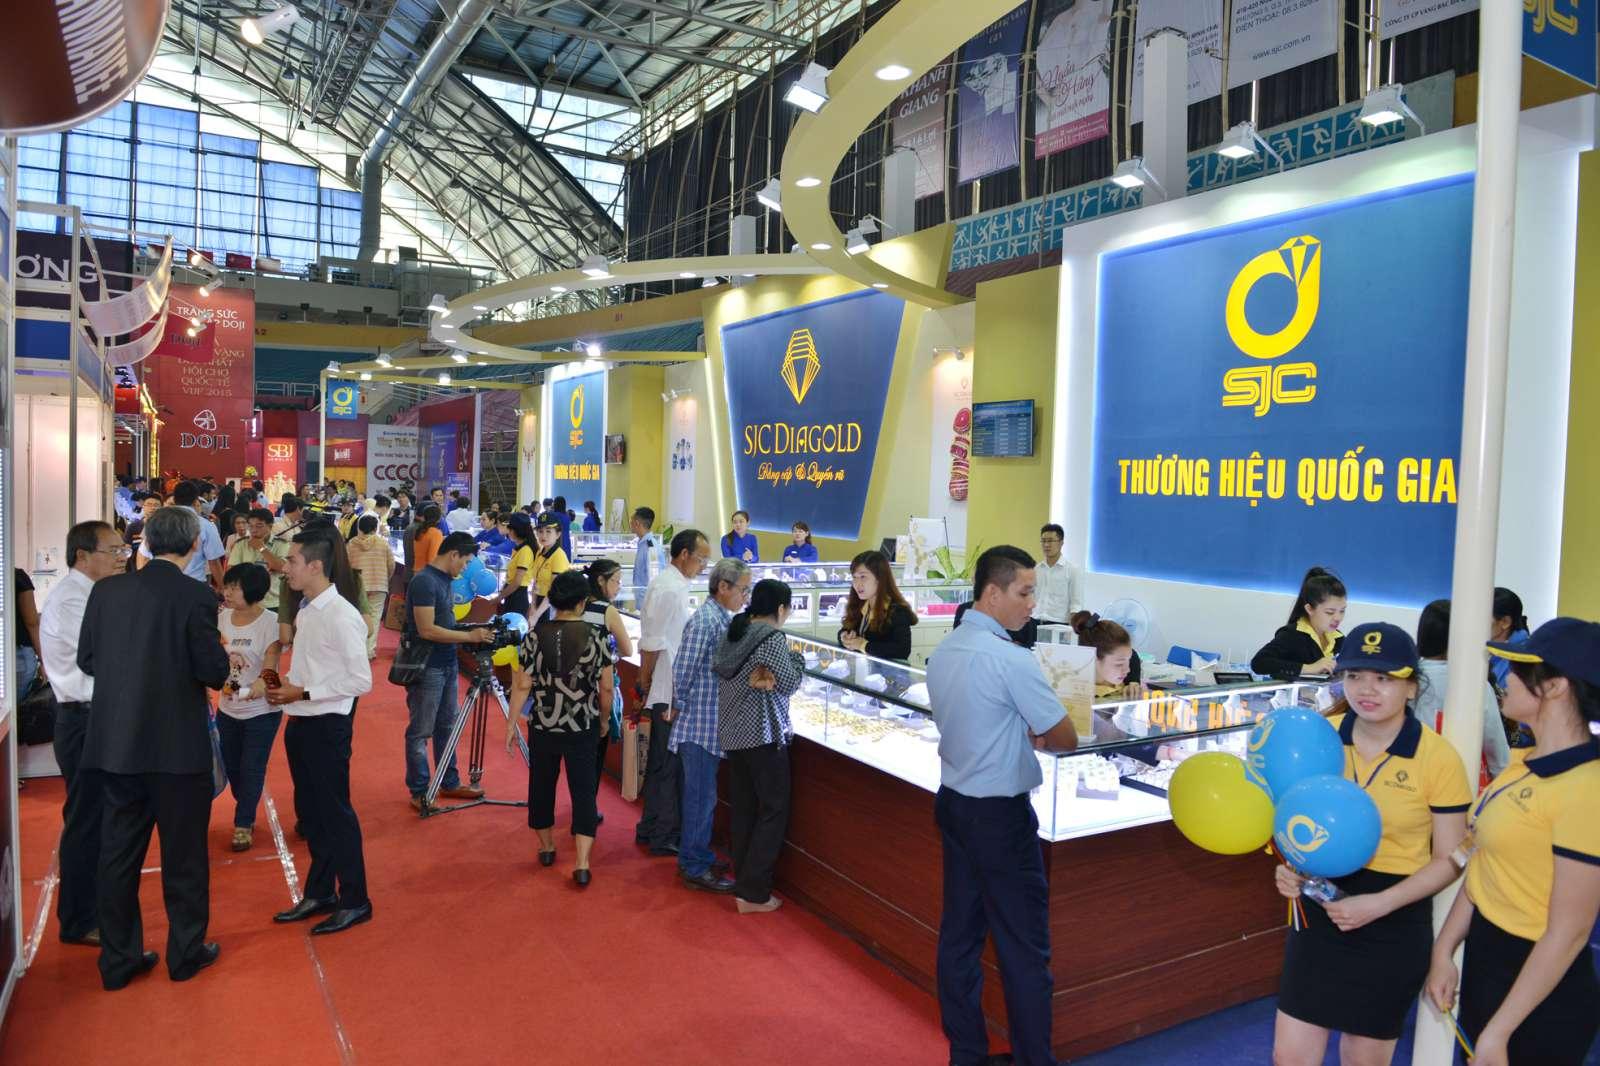 Hinh 3 Gian hàng SJC tại Hội Chợ VIJF